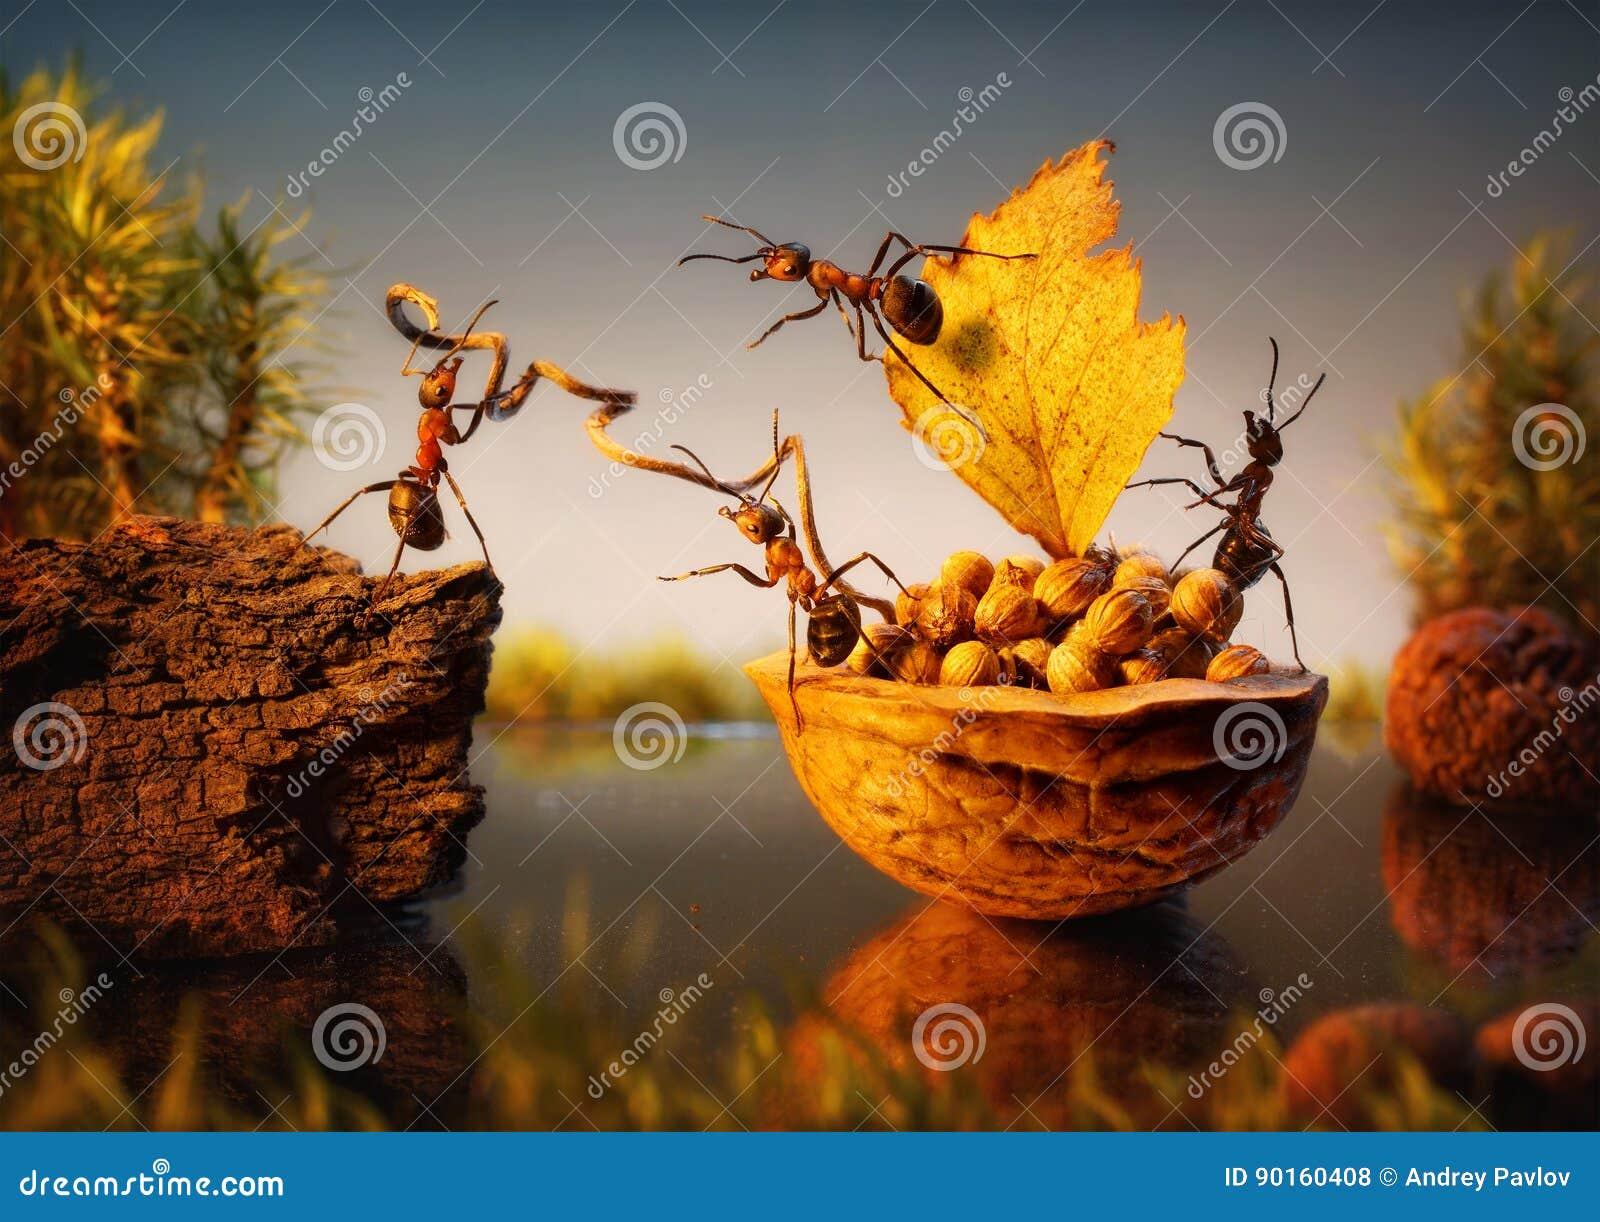 El equipo de hormigas amarra la corteza con las nueces, trabajo en equipo